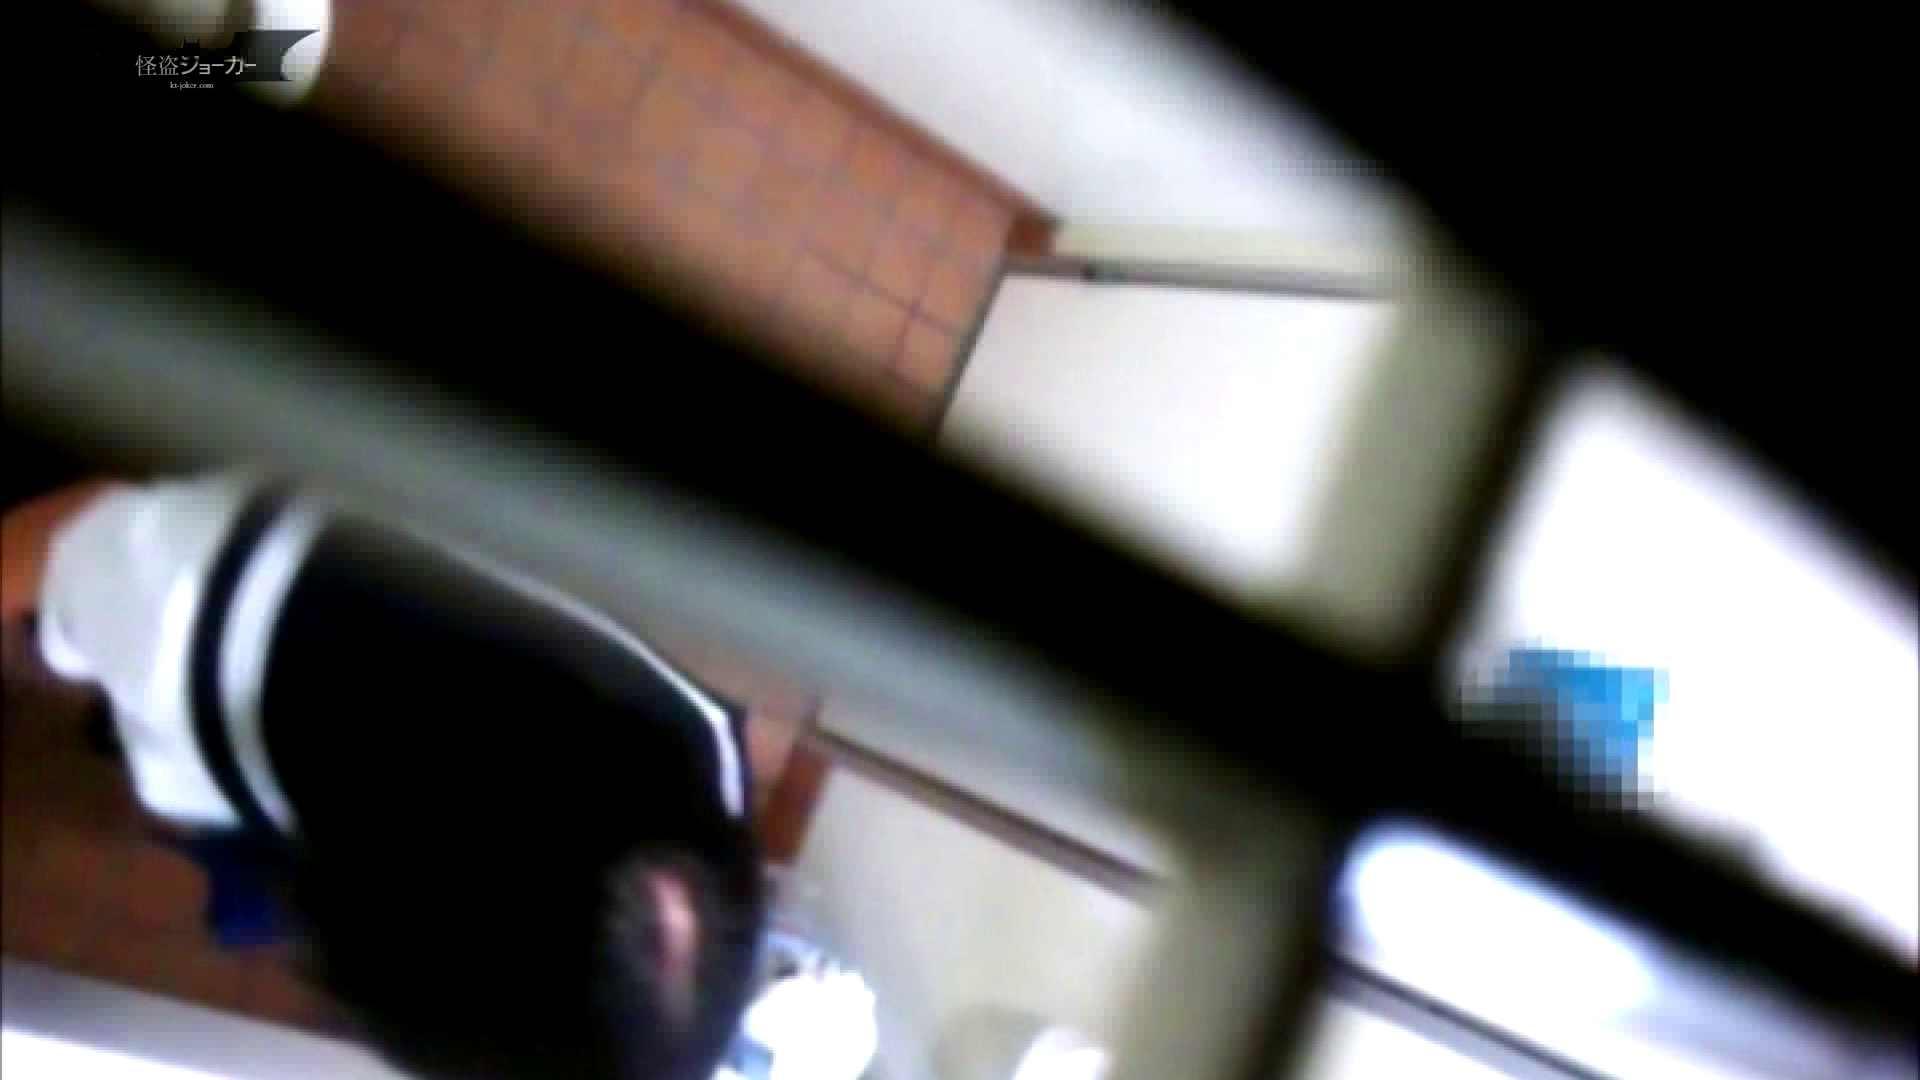 店長代理の盗撮録 Vol.02 制服ばかりをあつめてみました。その2 洗面所 SEX無修正画像 58画像 5